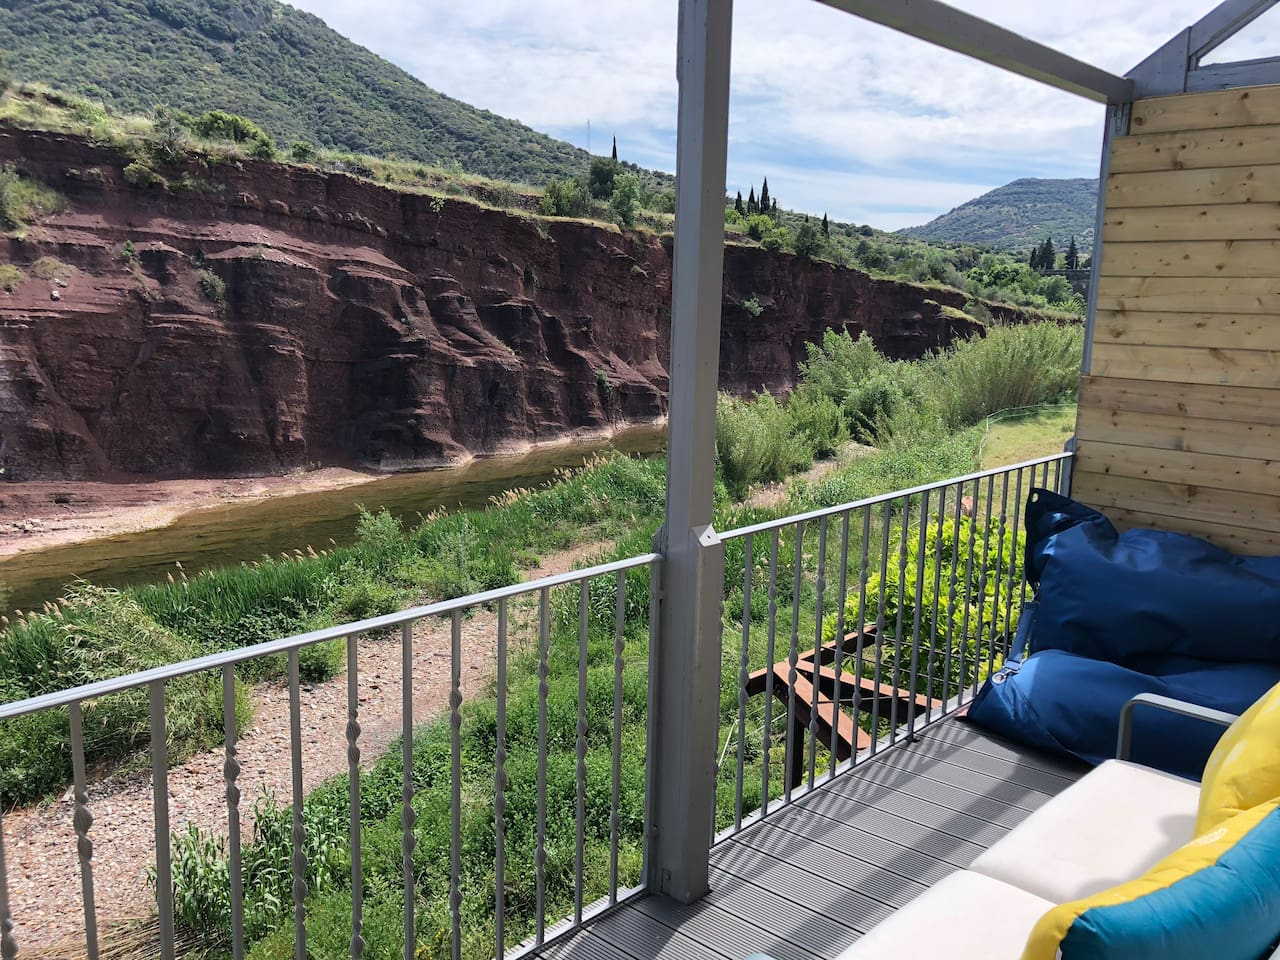 Terrasse plein sud avec canapé pour 2 personnes, fauteuil et pouf. Vue sur les falaises rouges du Salagou. Rivière privative.